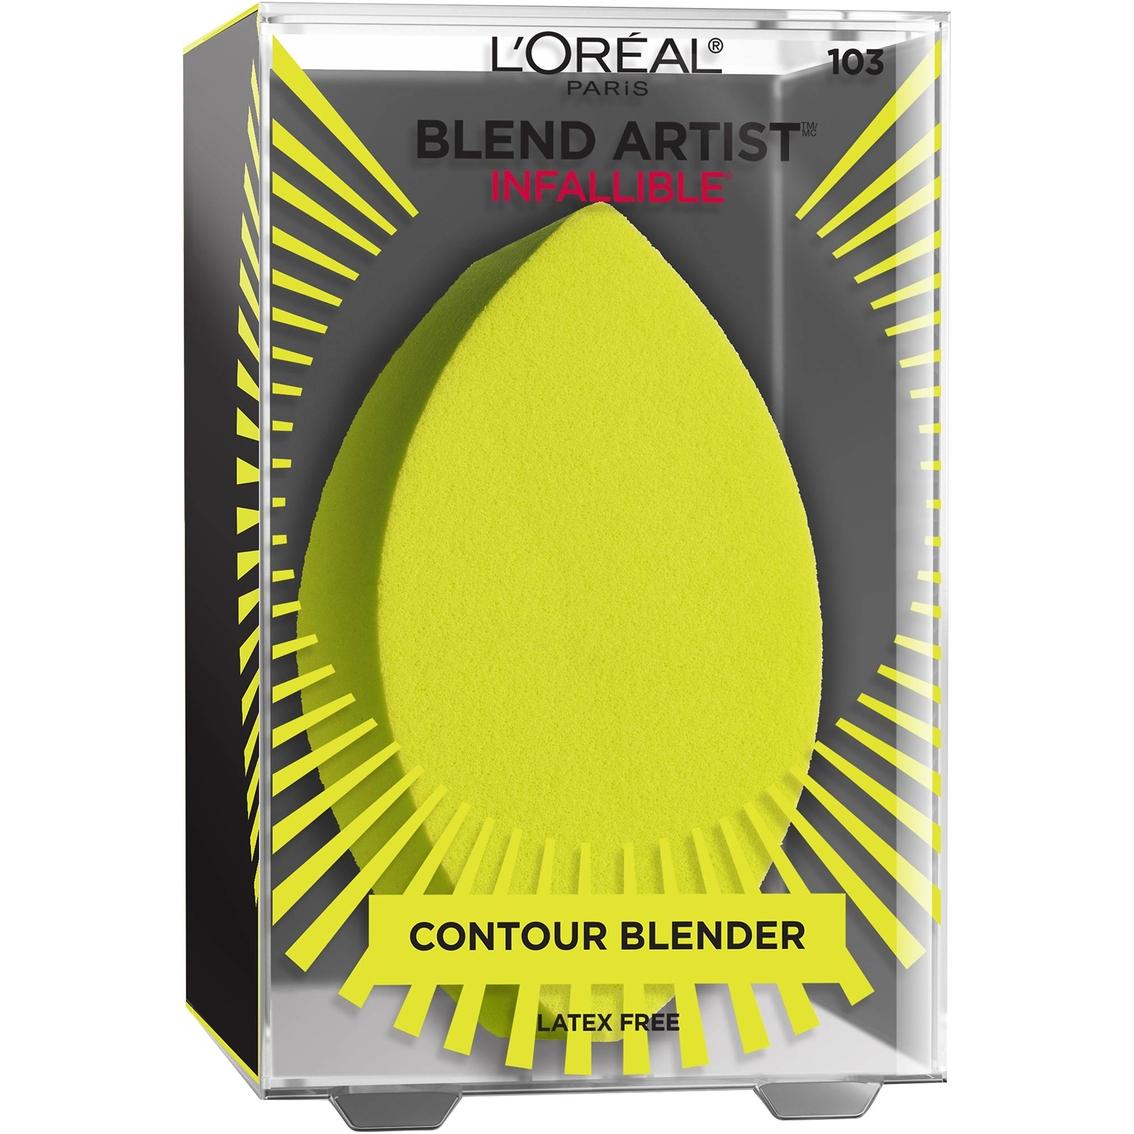 8d42ef97 L'oreal Infallible Blend Artist Contour Blender | Face & Foundation ...